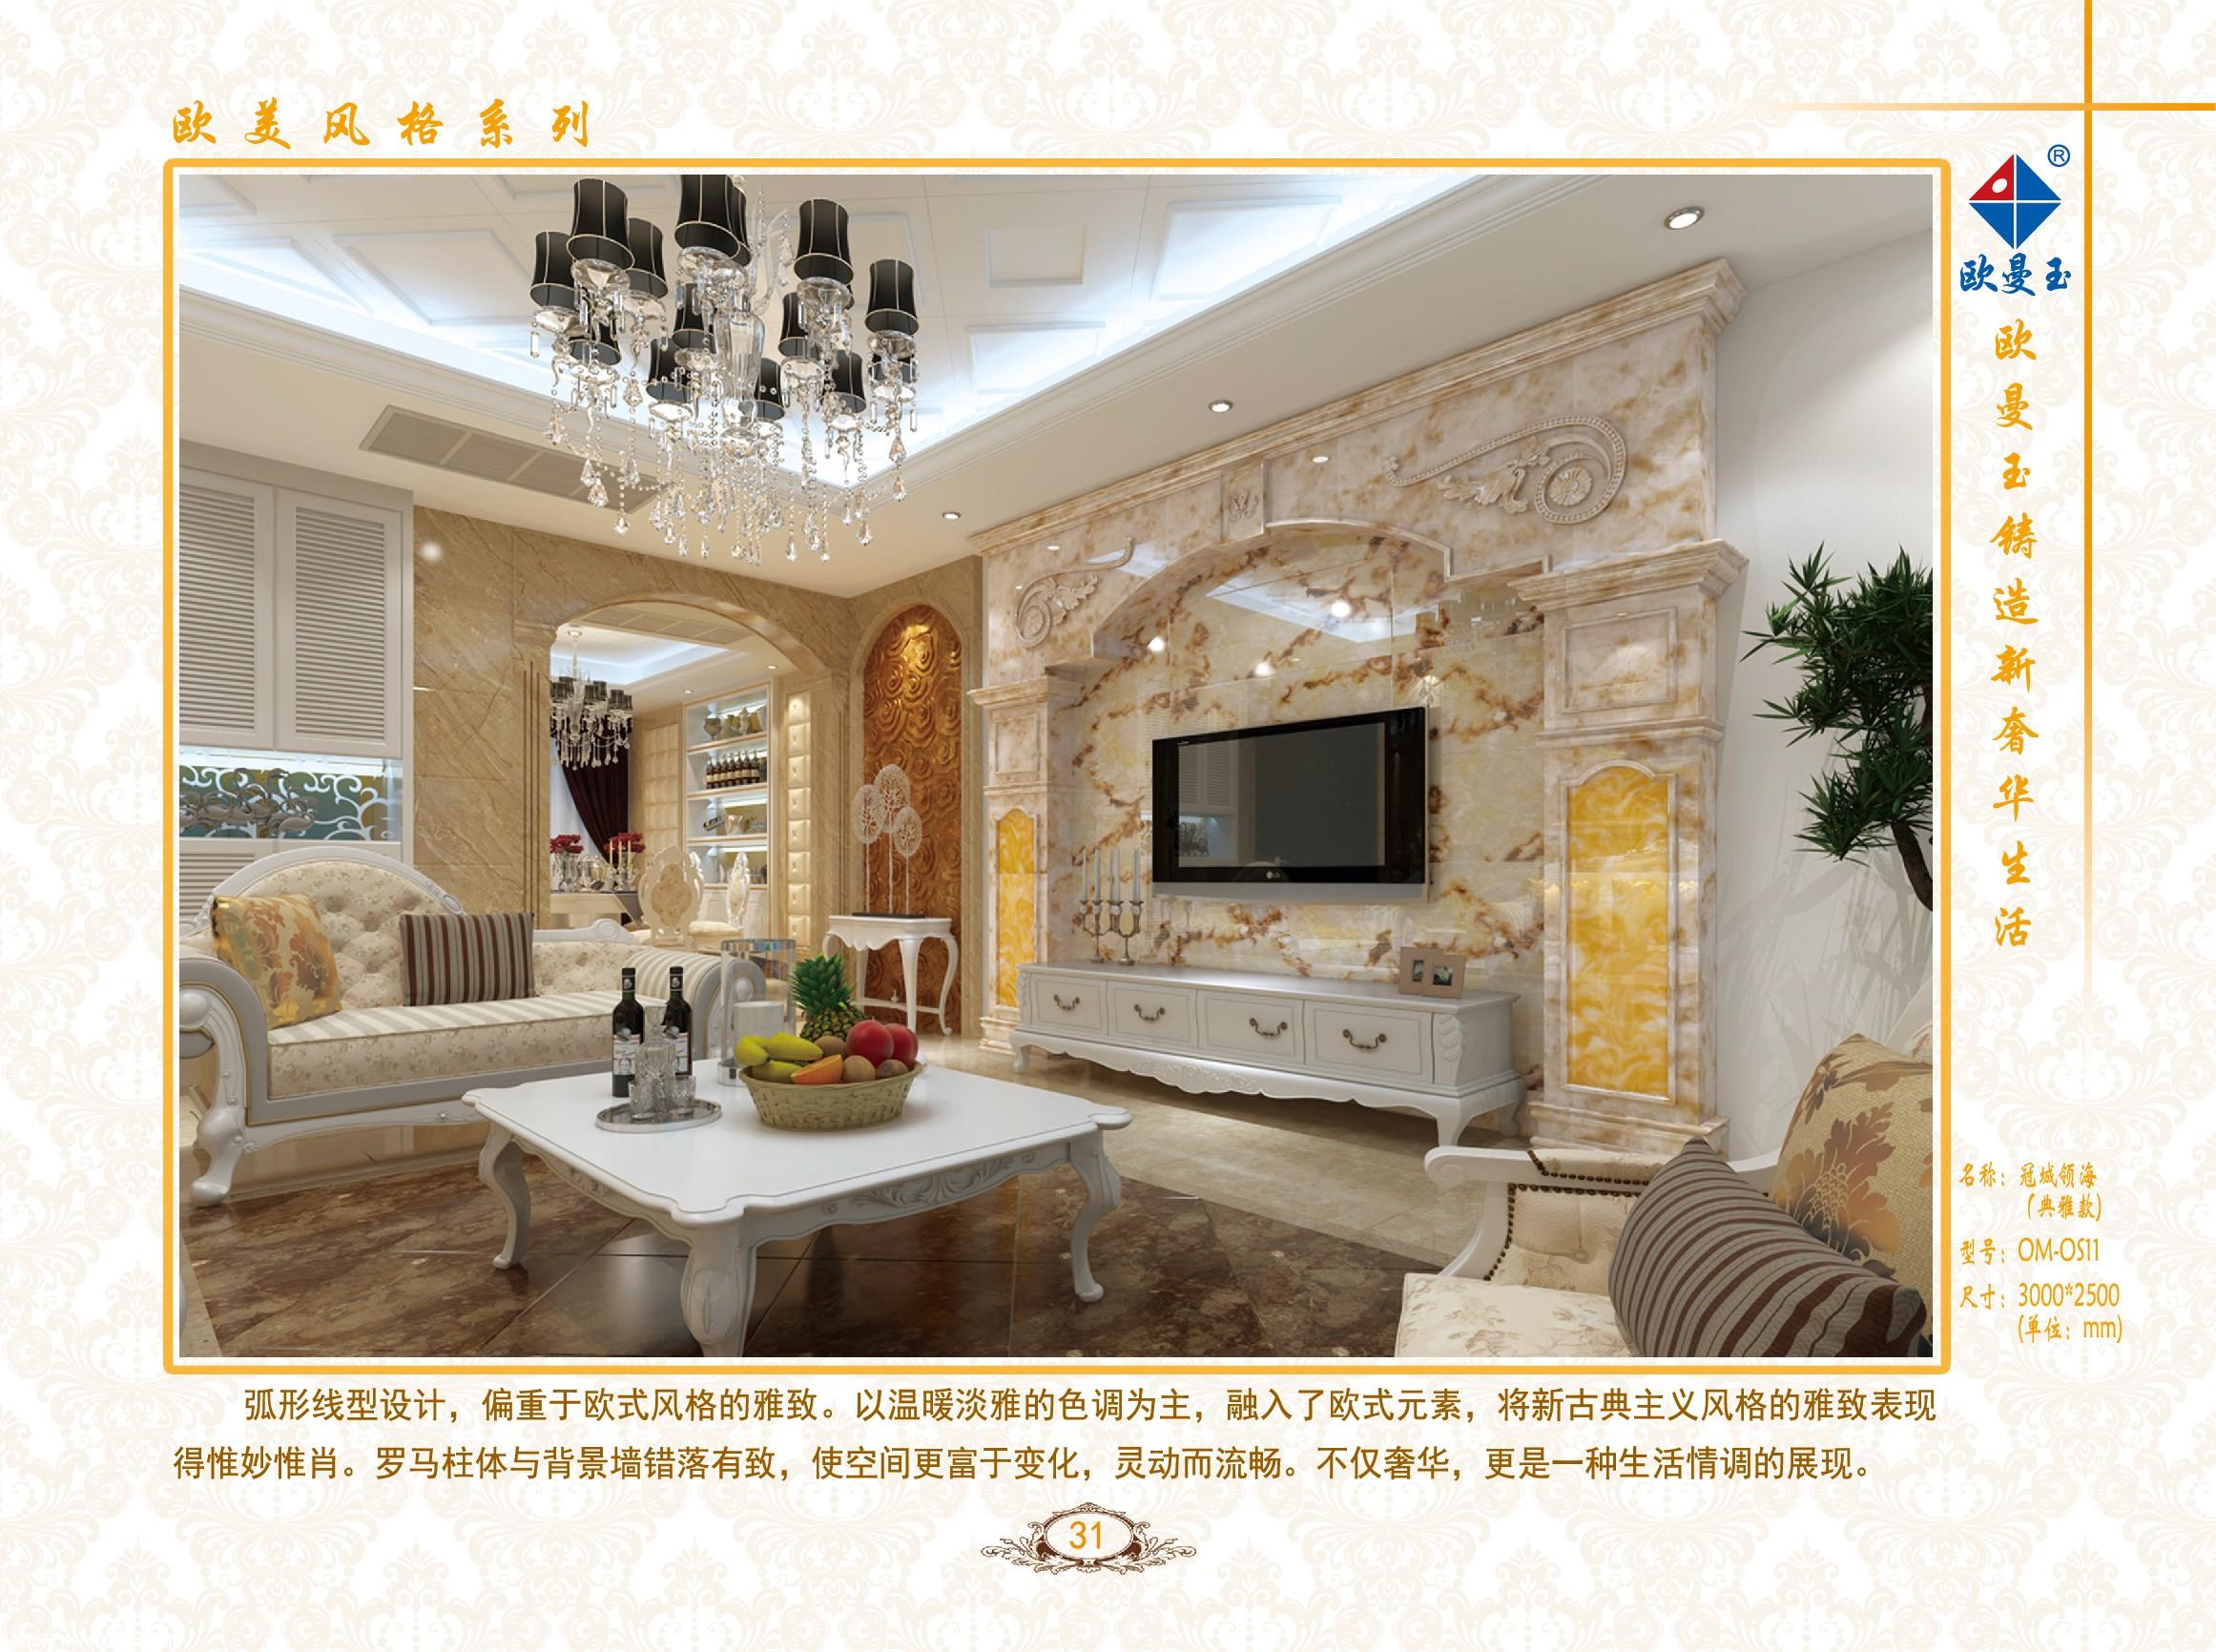 康之园 电视墙 石膏线 美式 > 时尚客厅石膏板电视墙  时尚客厅石膏板图片